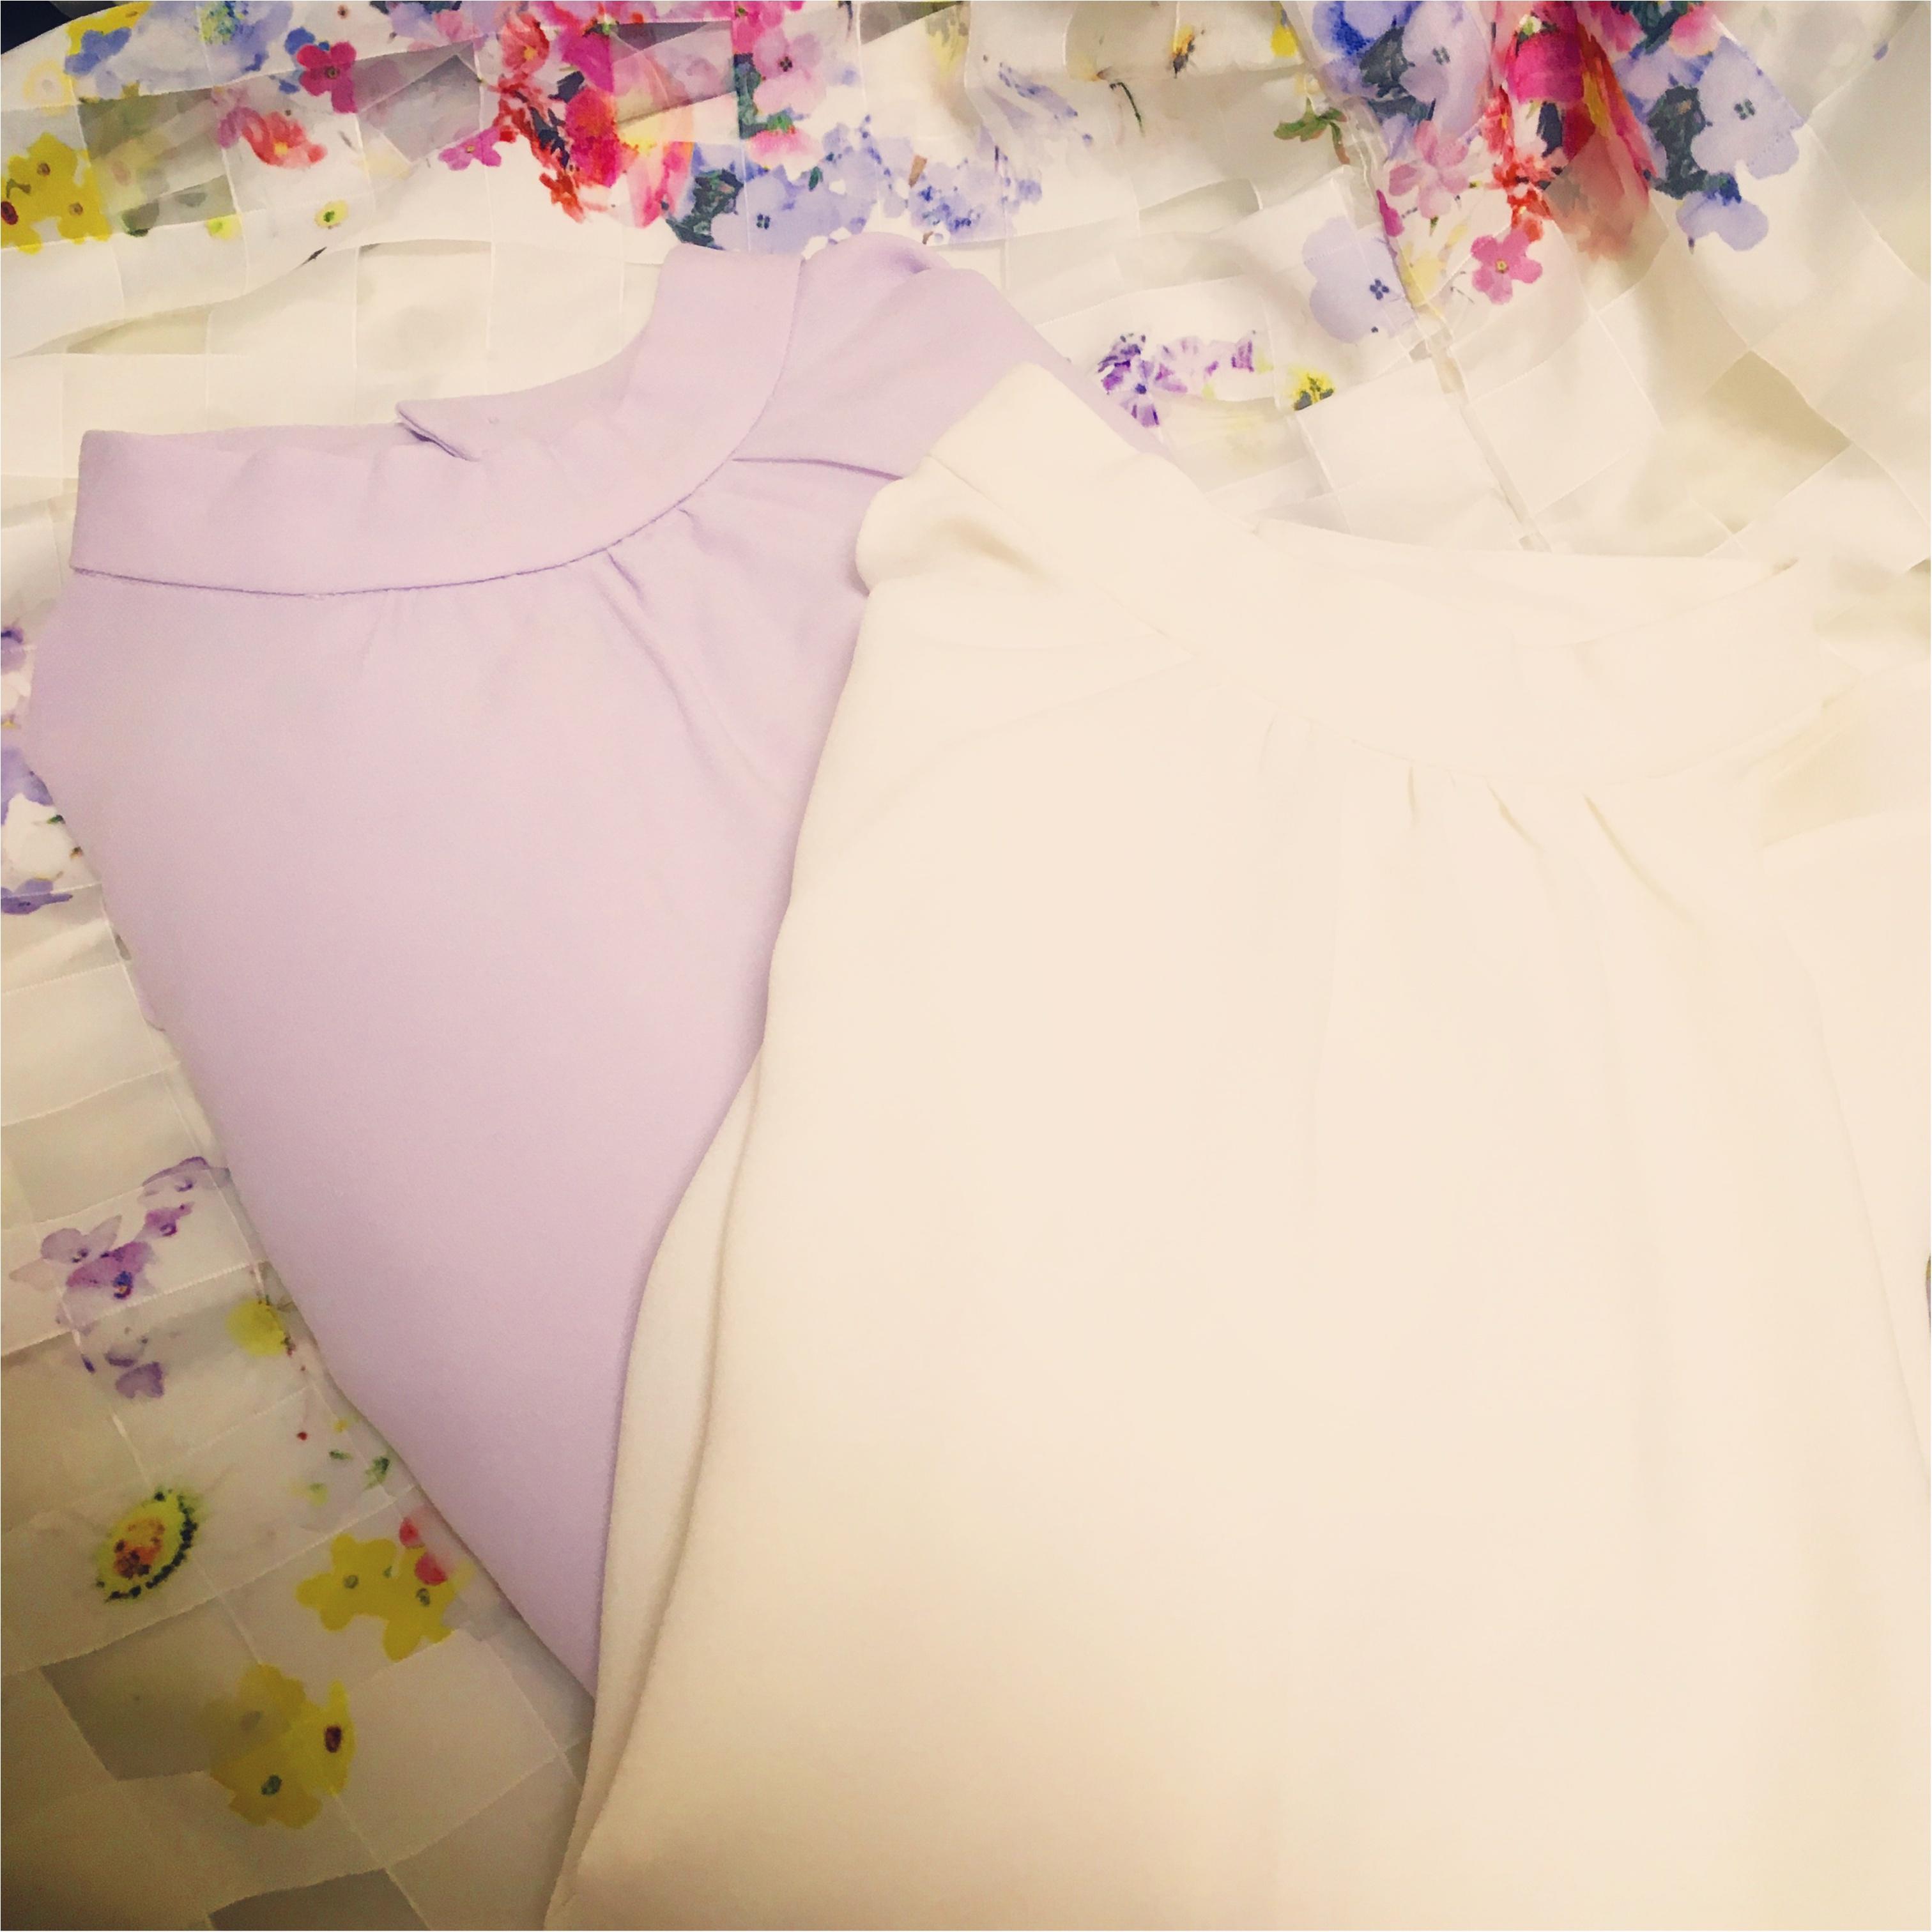 ひさびさの2色買い!♡⦅GU⦆スタンドカラーブラウスがキレイ色&美人見えする♡_1